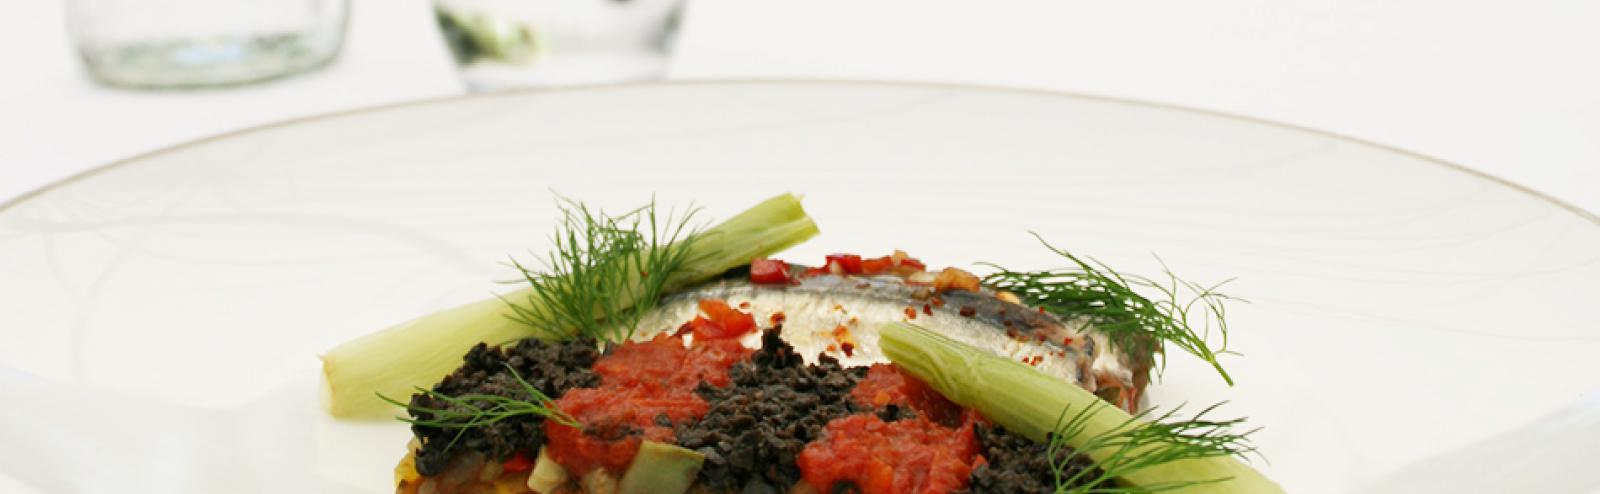 Recette de sardines marin es et ratatouille - Cuisiner des filets de sardines fraiches ...